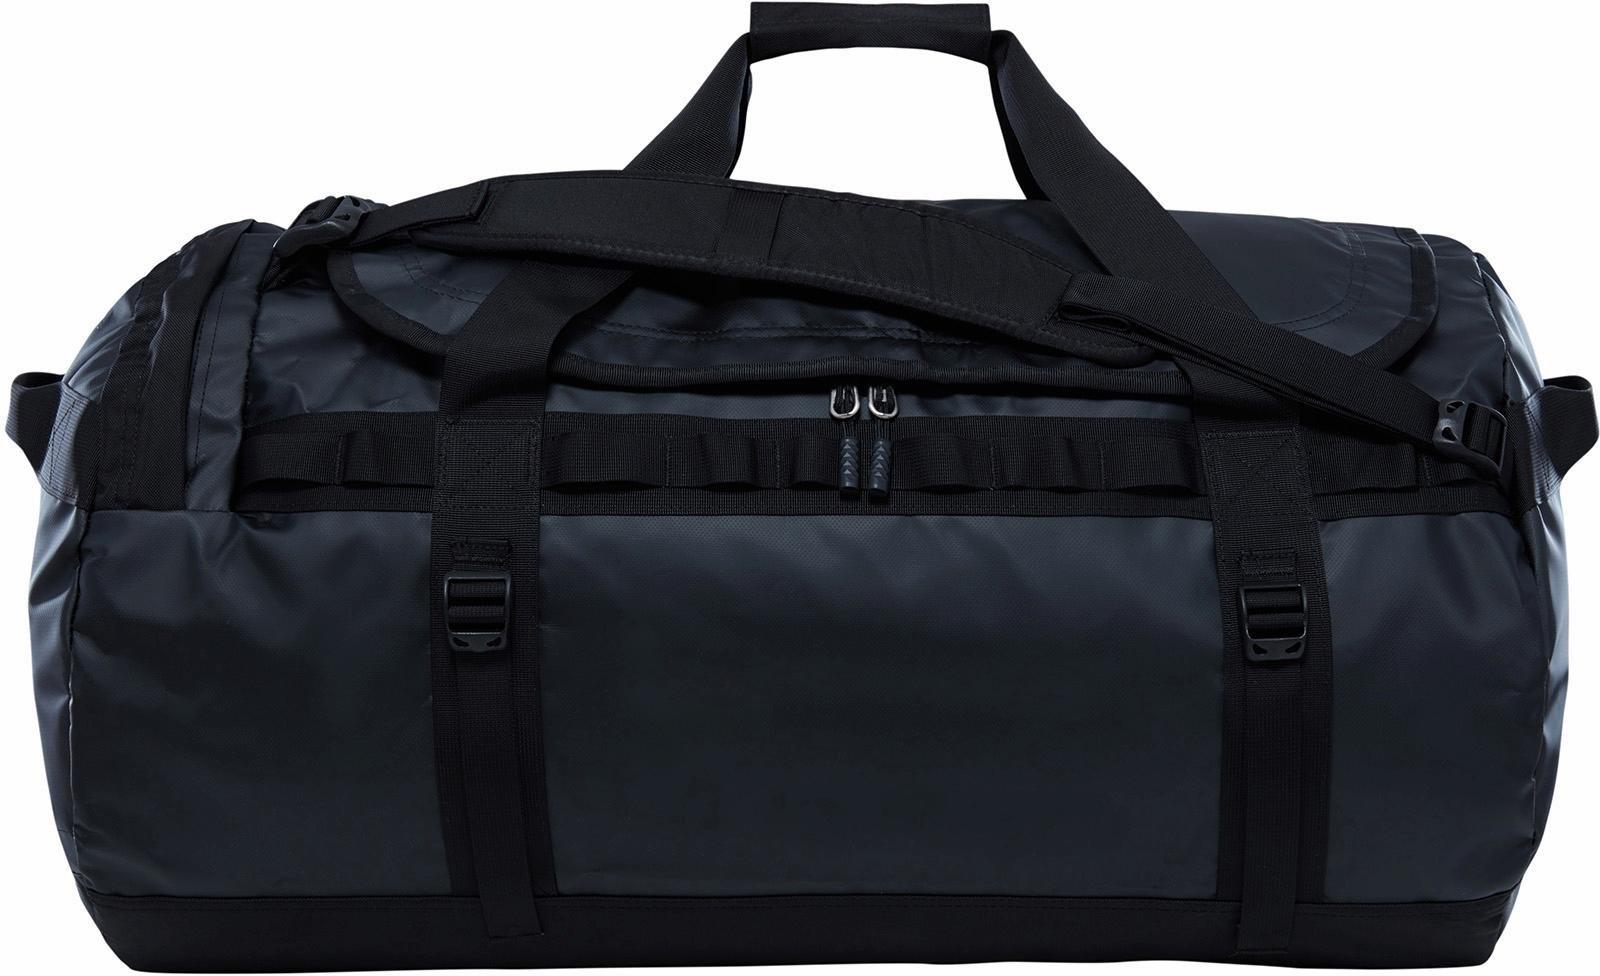 4110cb16fee Weet jij nog niet welke tas jou ideale model is dan kan je hieronder vinden  welke tas voor welke momenten wordt gebruikt. Om te beginnen met de tas die  je ...